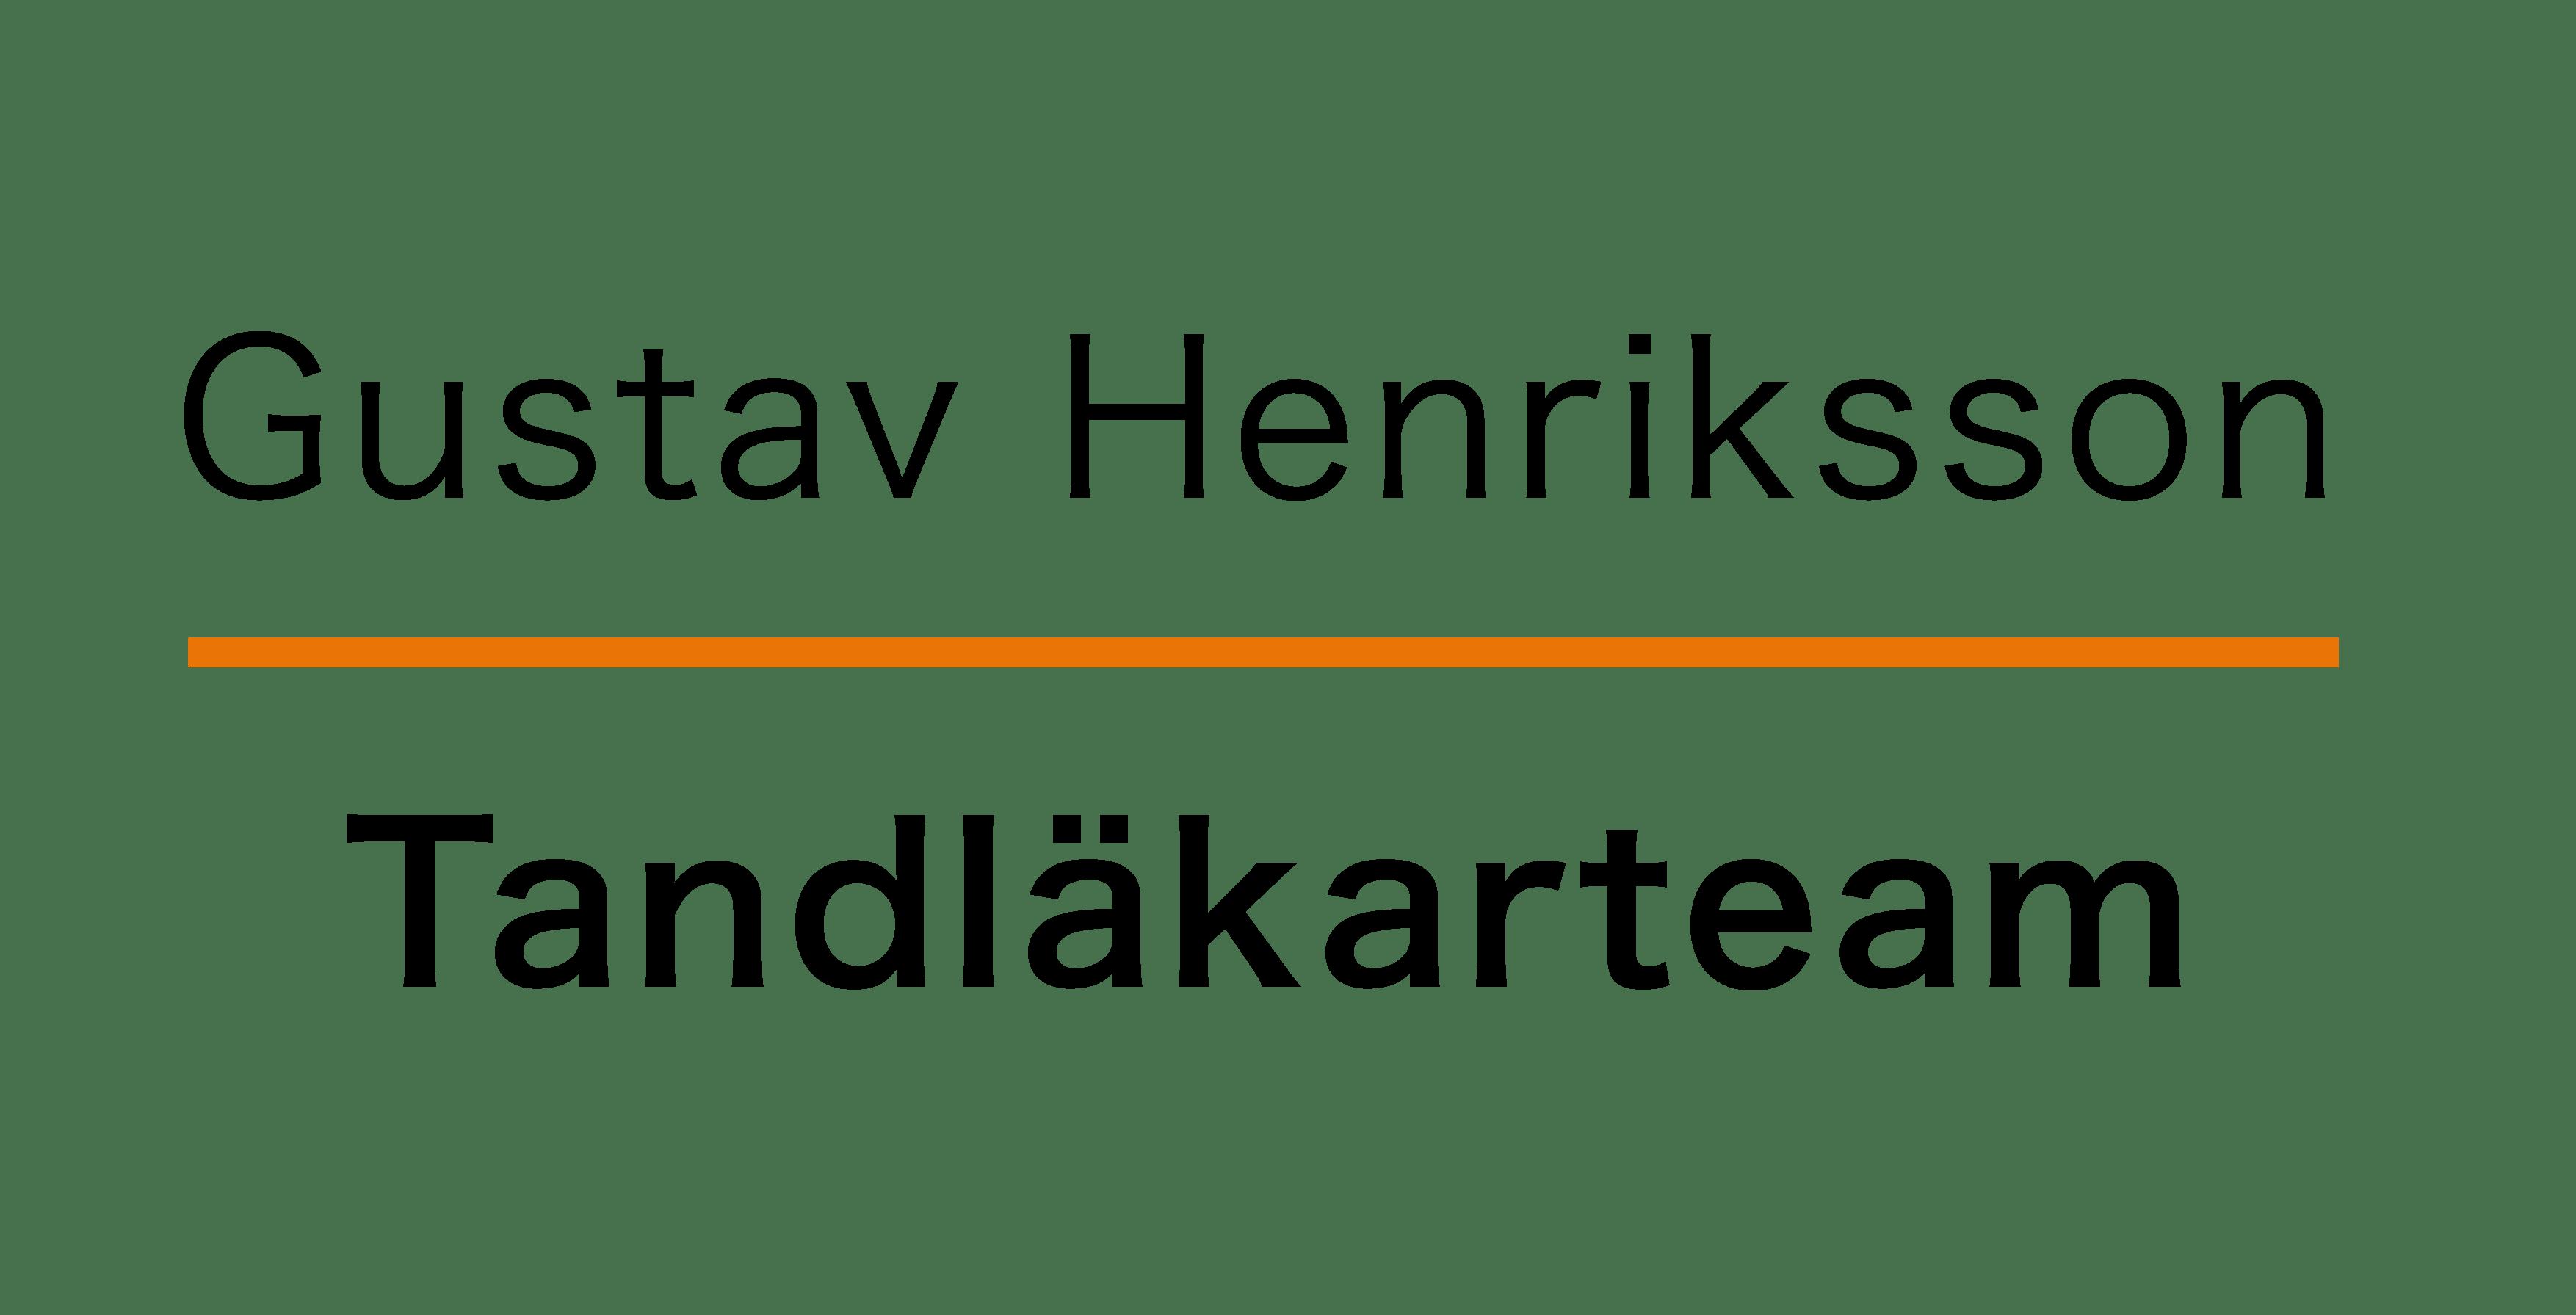 Dina lokala tandläkare   Tandläkare Eskilstuna